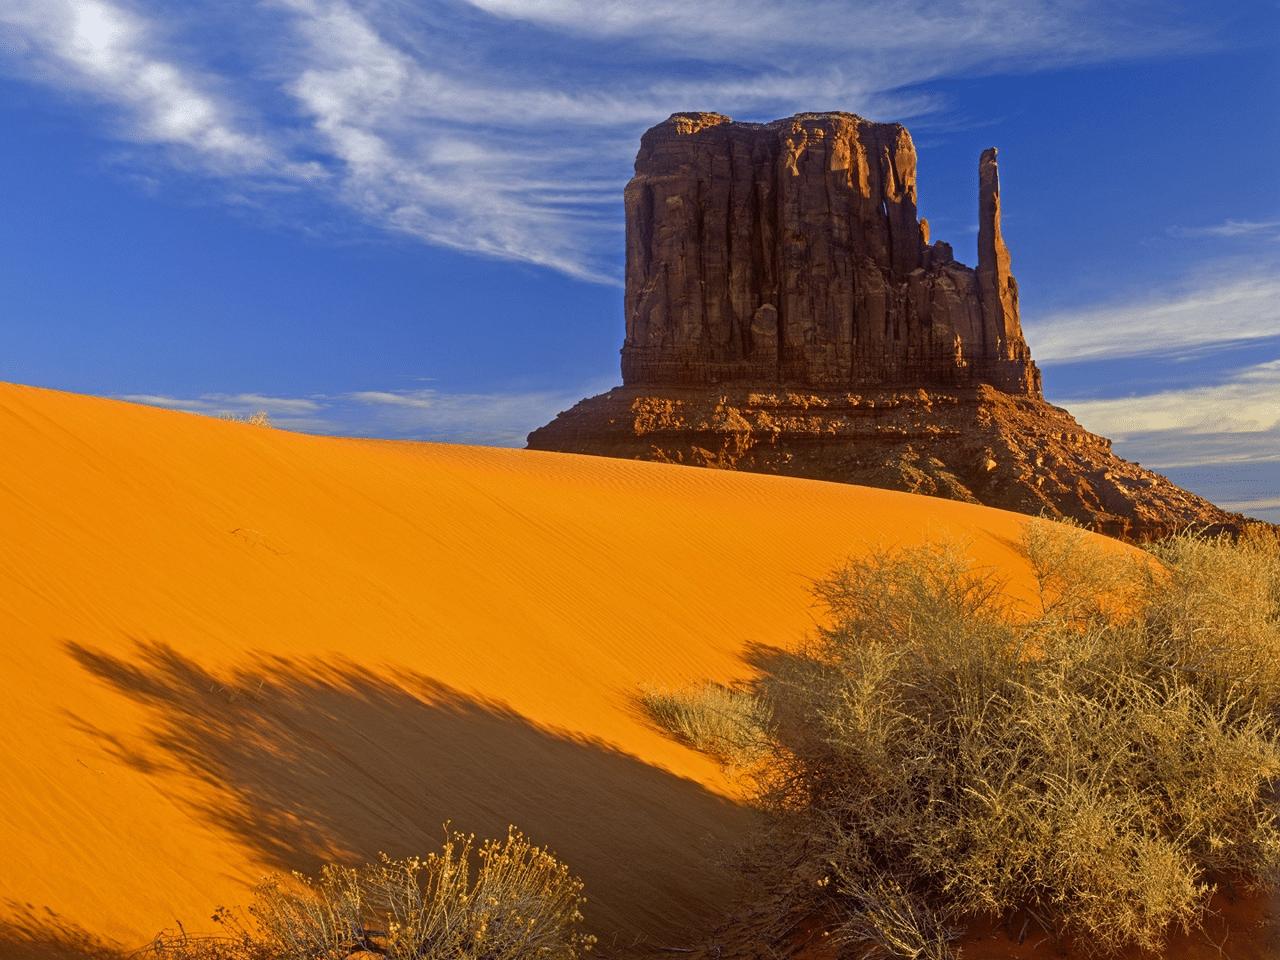 Cea mai înaltă structură din Valea Monumentelor nu depășește 300 de metri